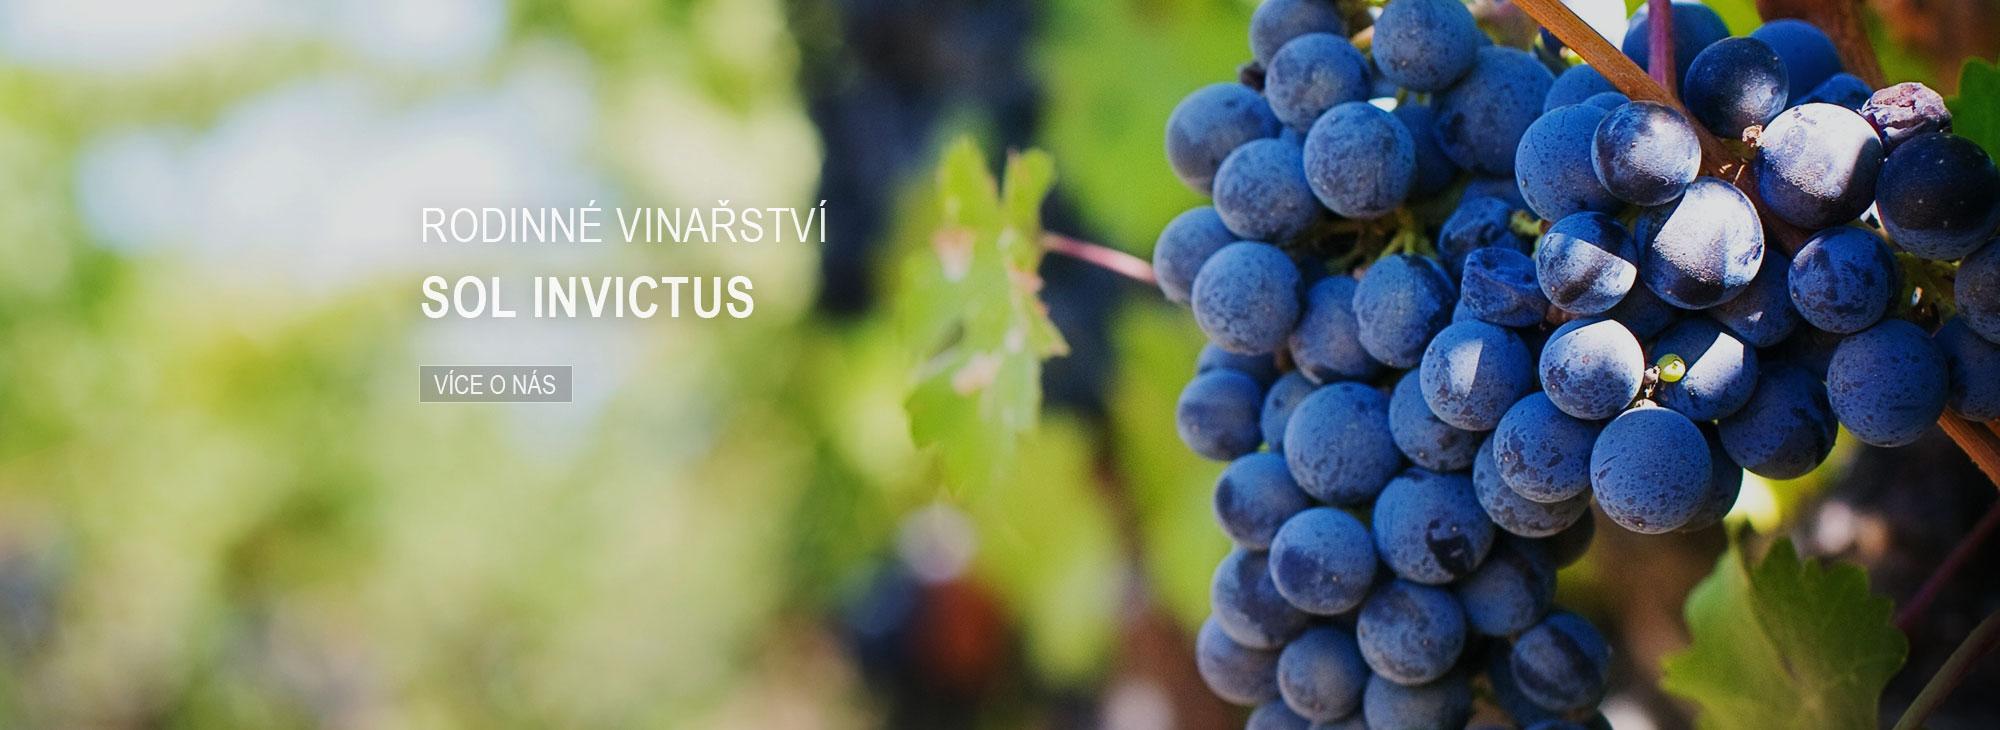 Rodinné vinařství SOL INVICTUS